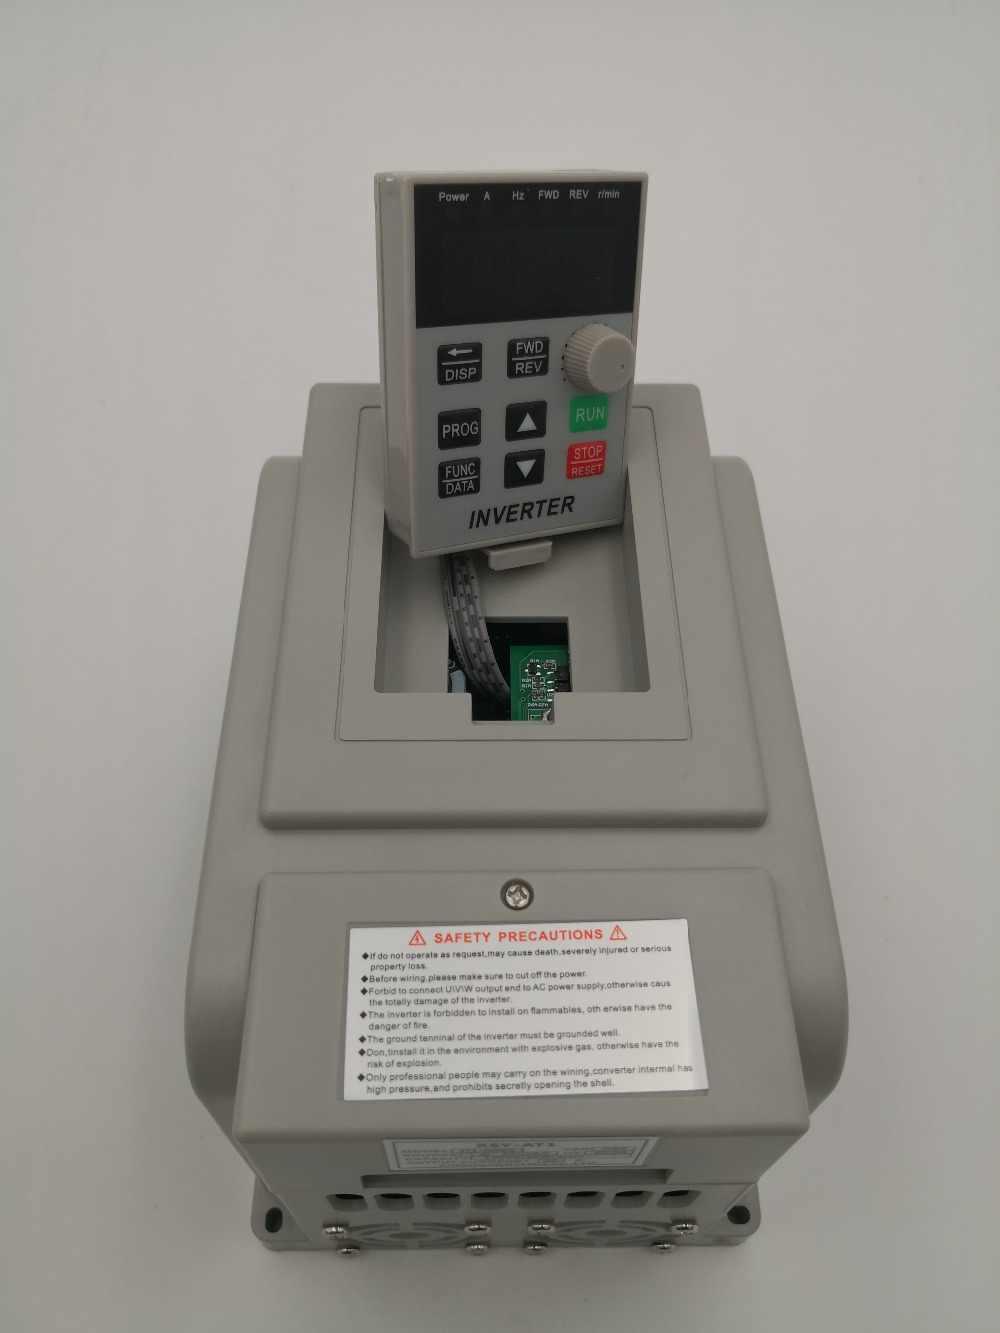 Преобразователь частоты VFD, преобразователь частоты ZW-AT1/220/4/кВт, 3P, выход в, для контроля скорости вращения шпинделя с ЧПУ